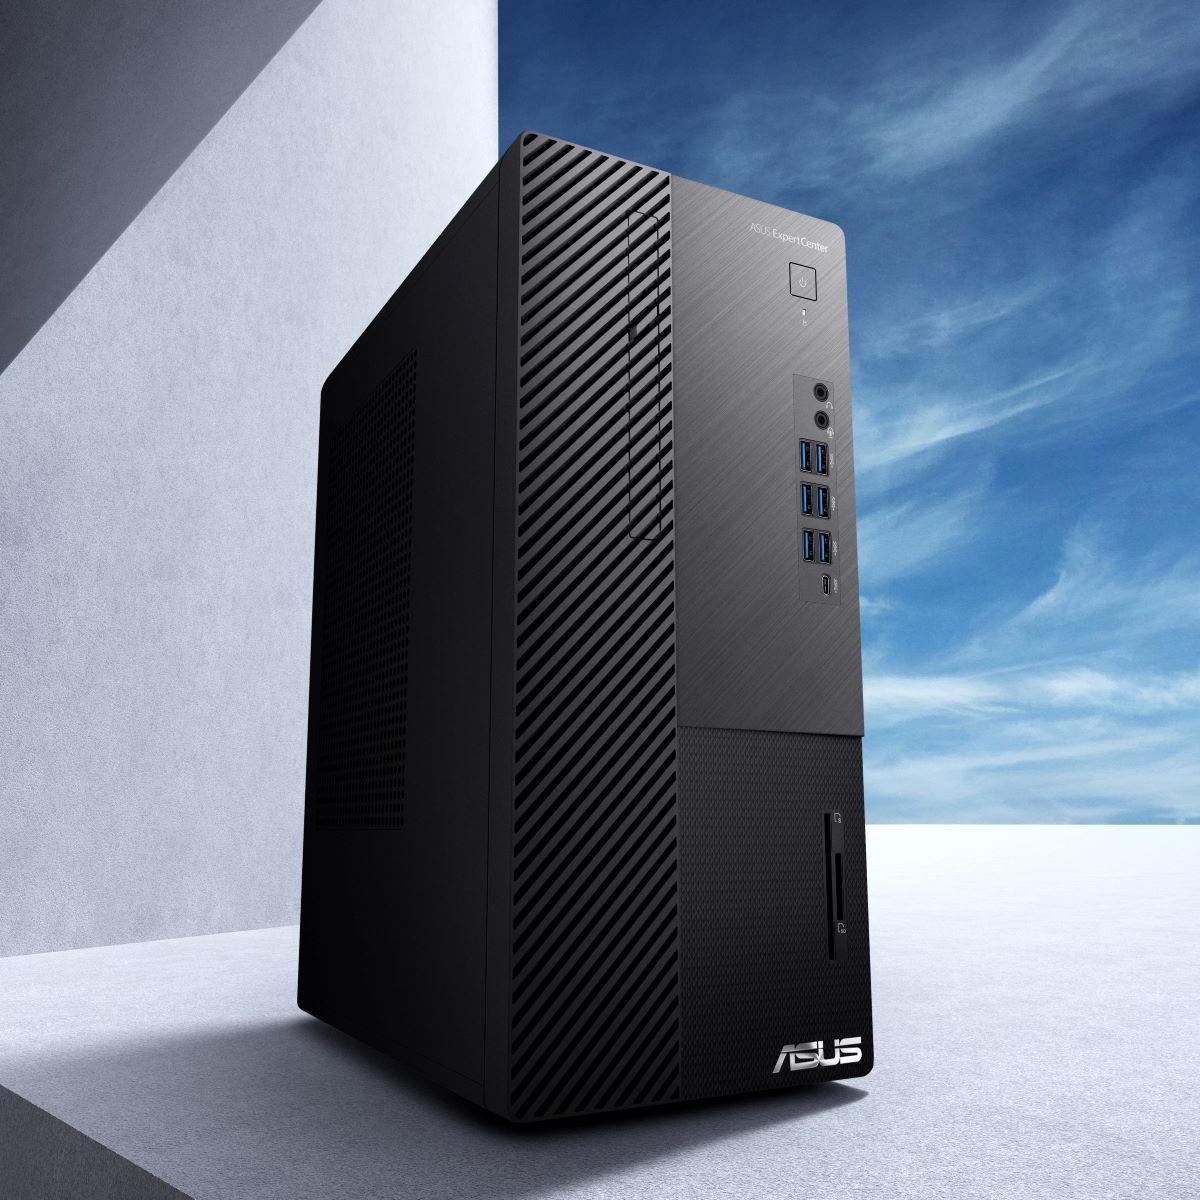 商用桌上型電腦 ASUS ExpertCenter 系列以「絕佳效能、耐用可靠、便於管理」三大優異特點,令華碩成為企業用戶心中最安全可靠的商務首選。